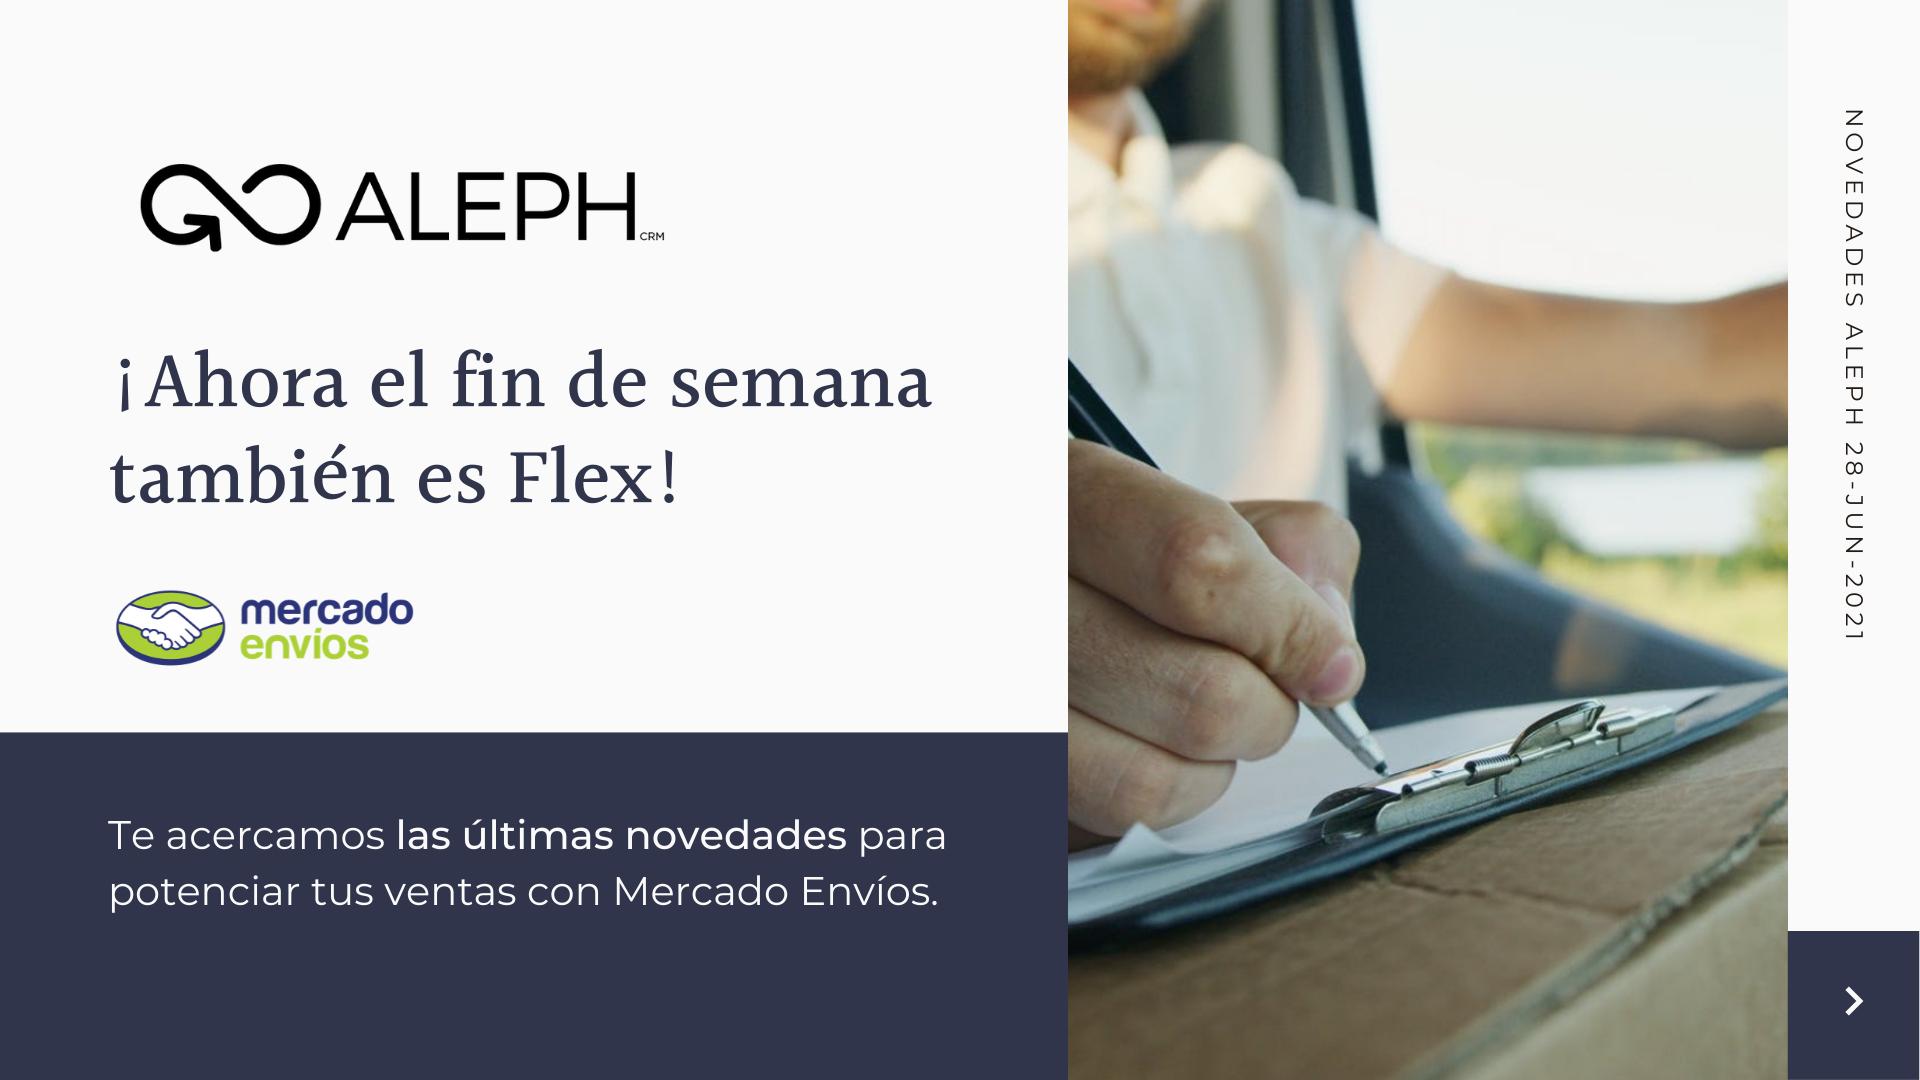 AlephCRM te acerca las novedades de Mercado Envíos Flex